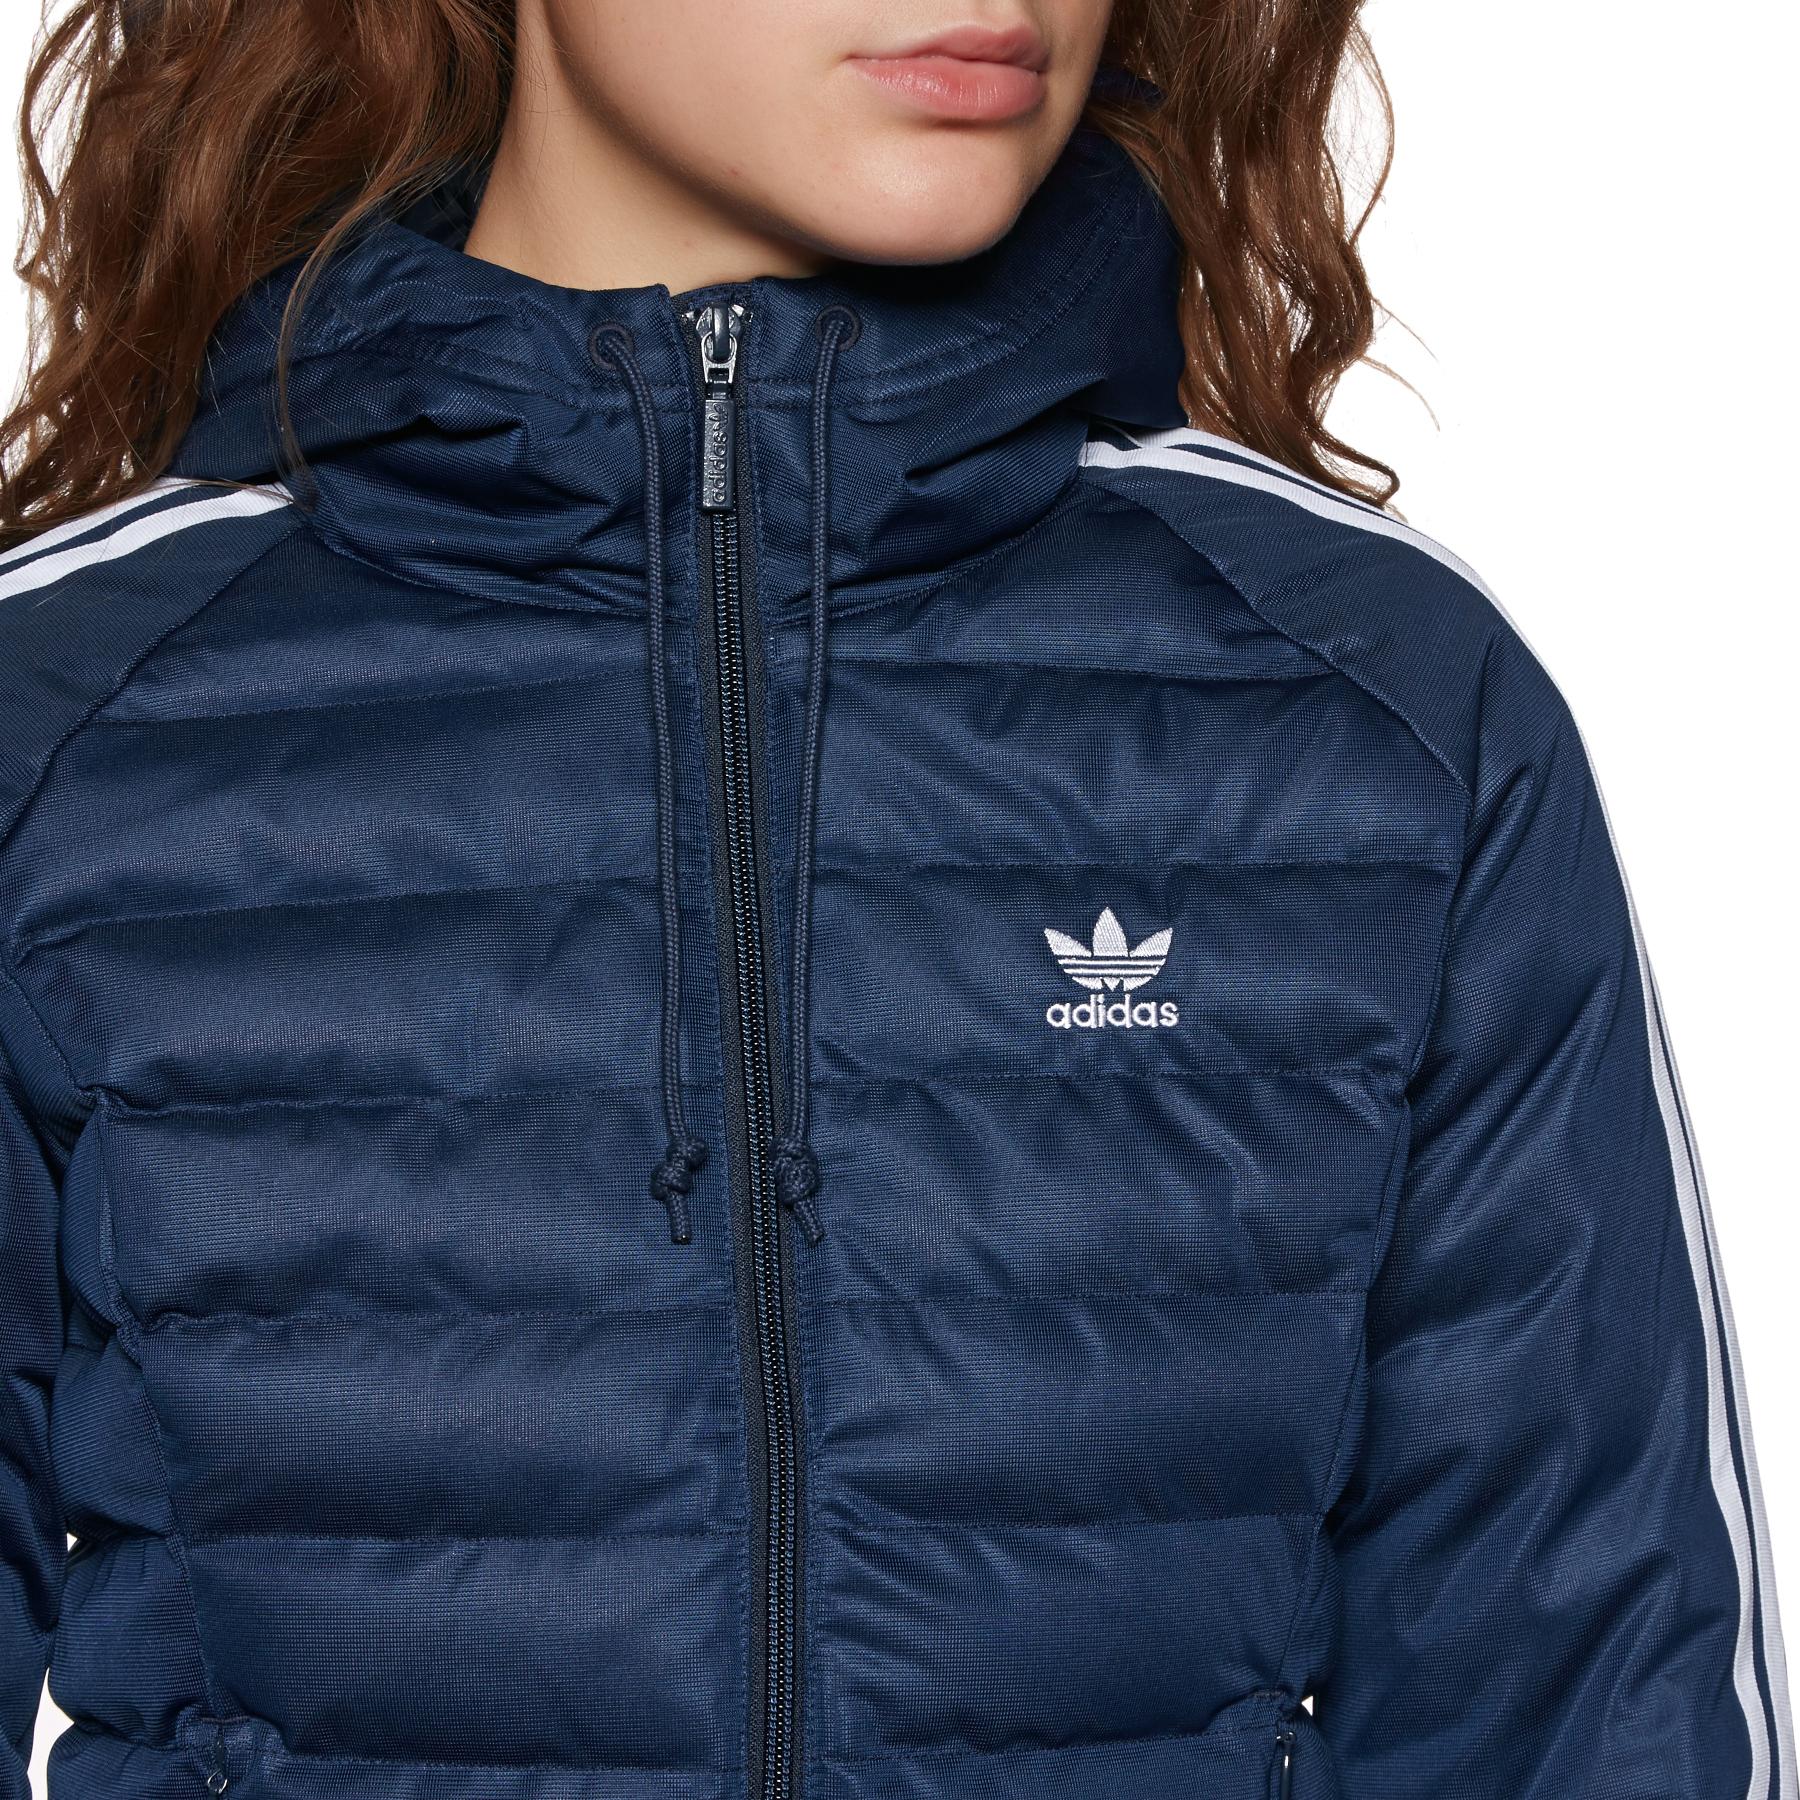 Adidas Originals Slim Damen Jacke | Kostenlose Lieferung